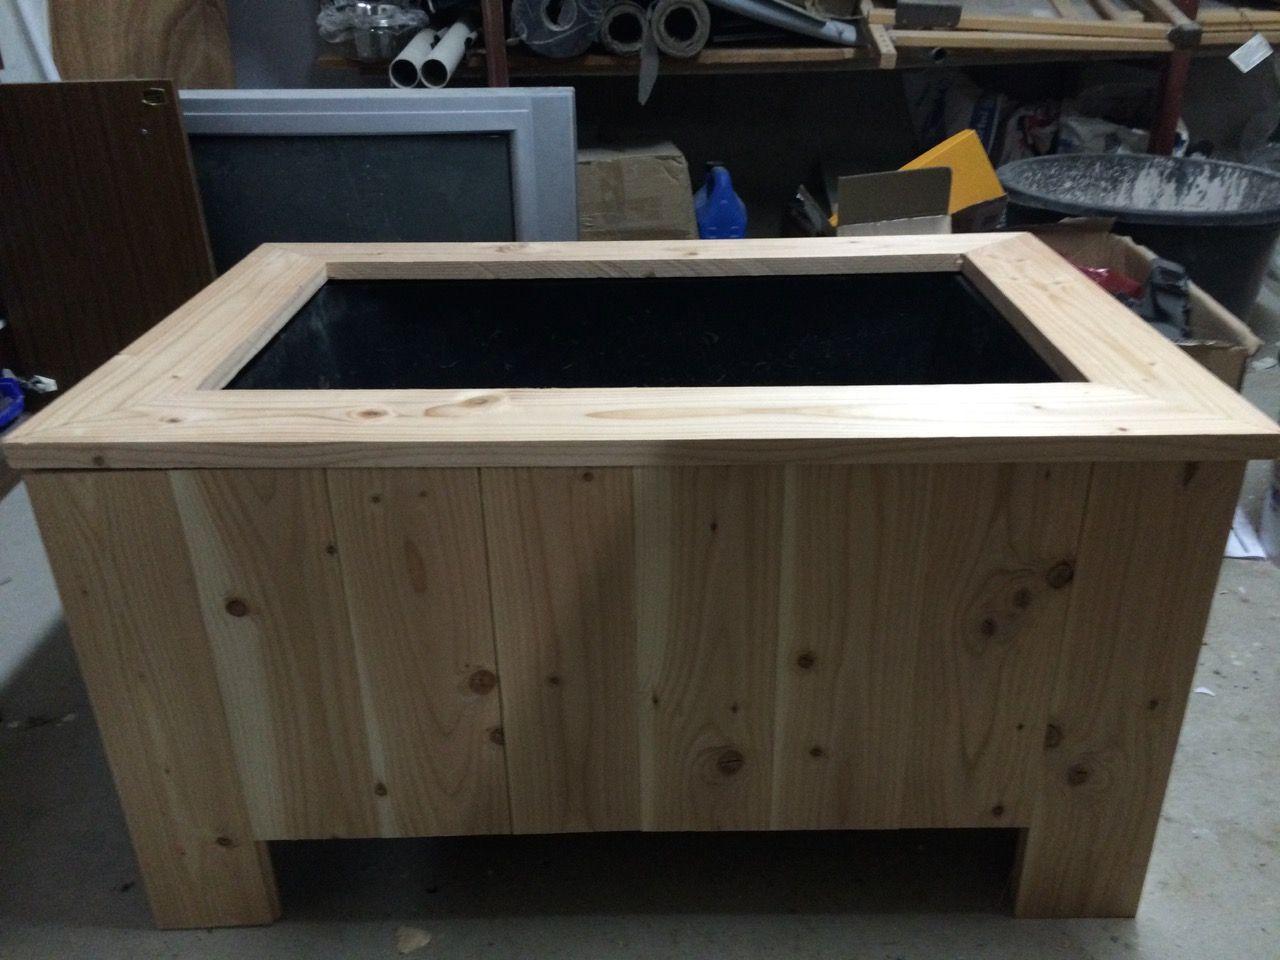 douglasie pflanzk bel selber bauen garten pinterest pflanzen garten und pflanzk bel. Black Bedroom Furniture Sets. Home Design Ideas